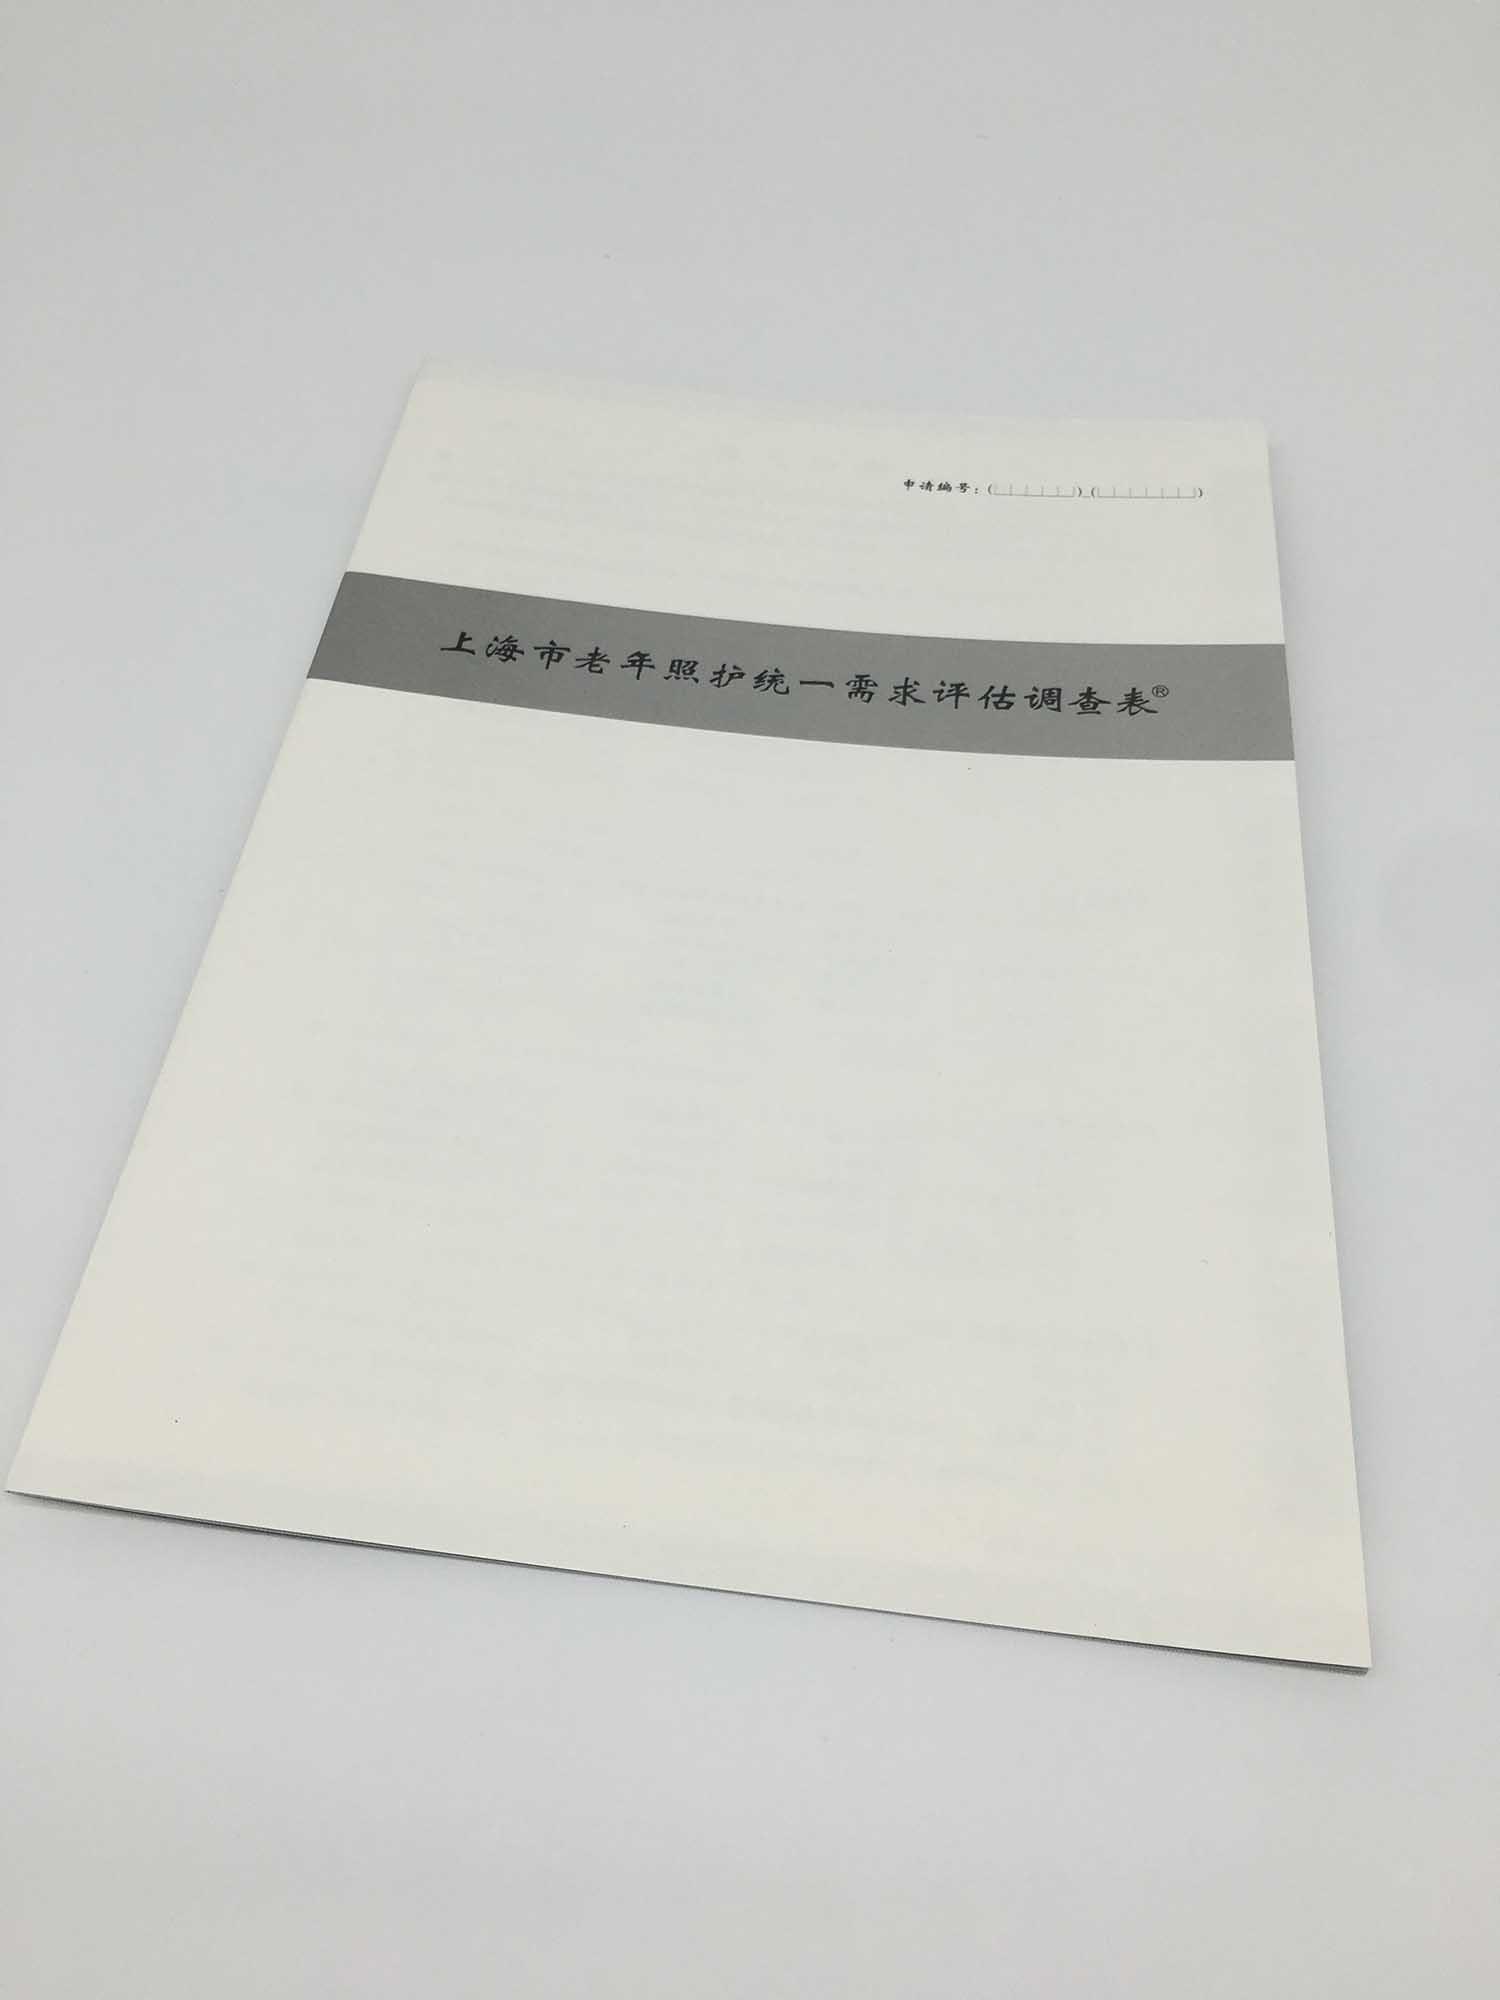 荔波公司样本册印刷制作